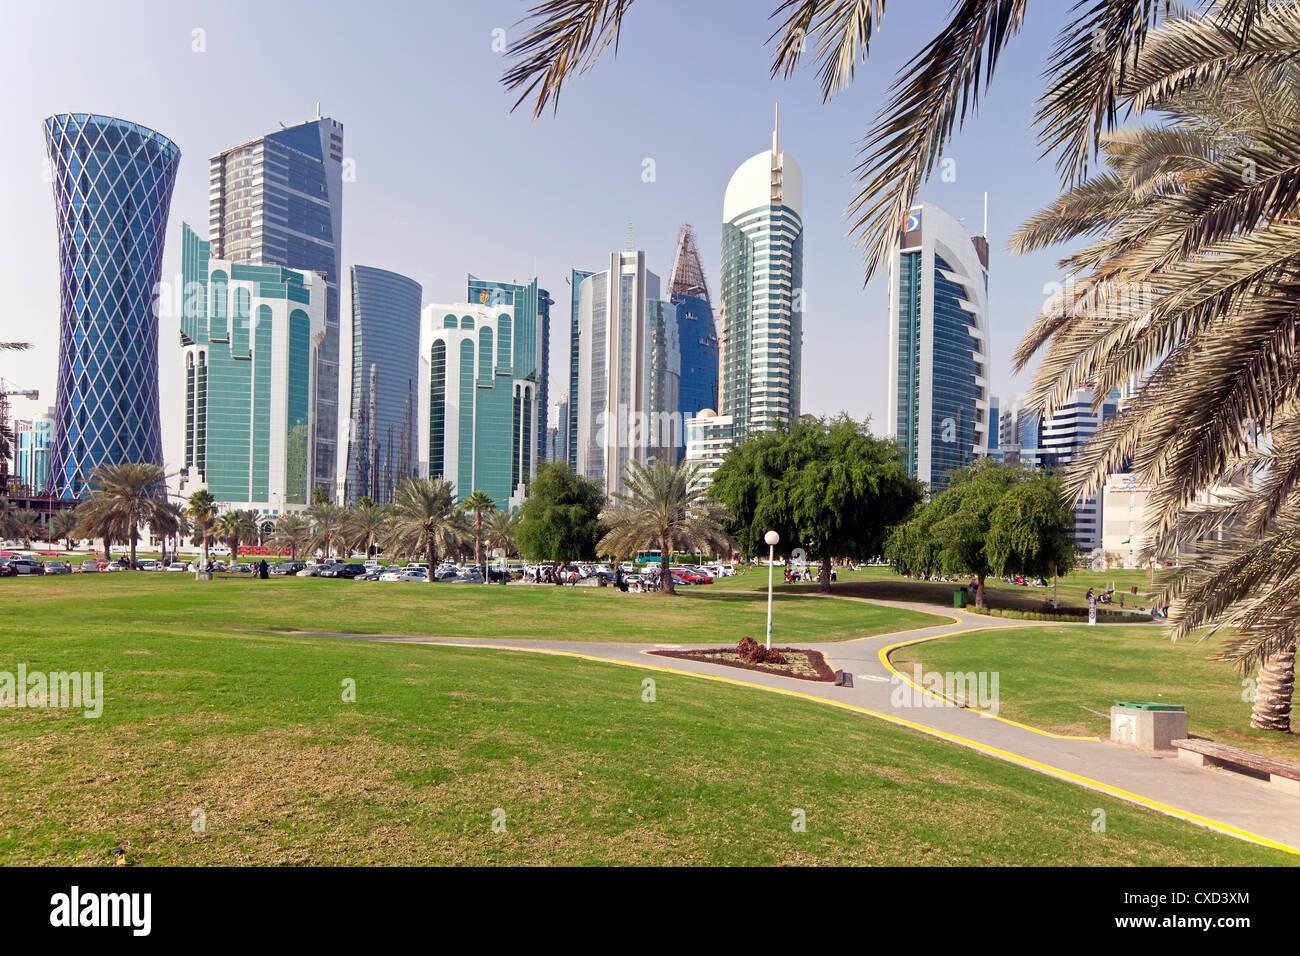 Moderno skyline di West Bay quartiere finanziario centrale, Doha, Qatar, Medio Oriente Immagini Stock